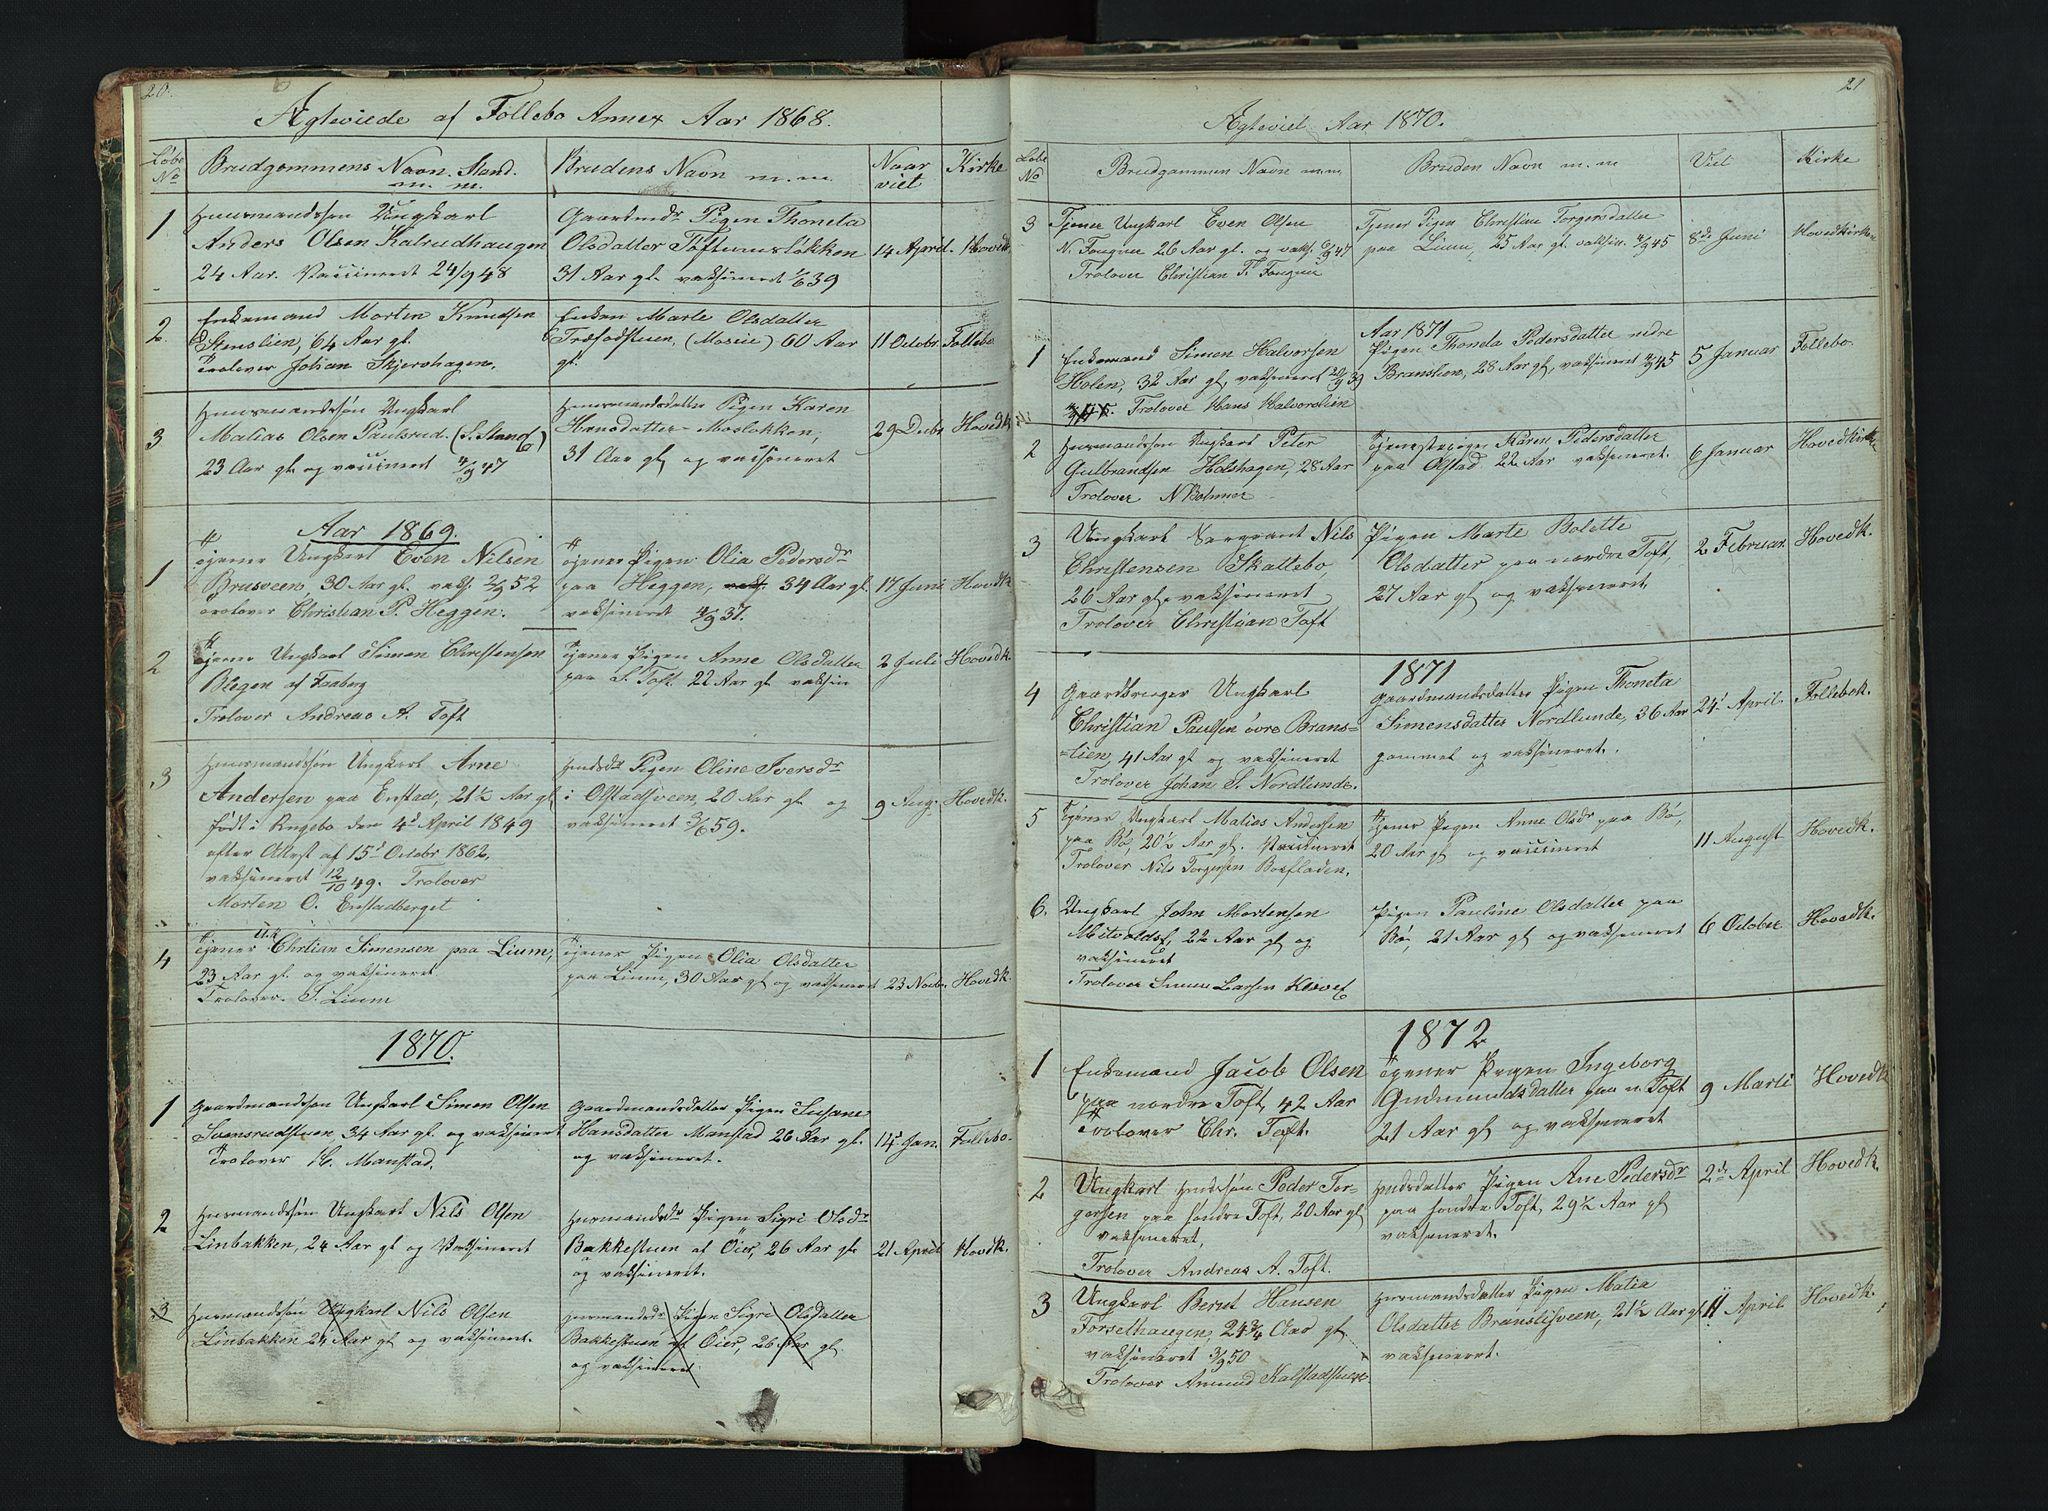 SAH, Gausdal prestekontor, Klokkerbok nr. 6, 1846-1893, s. 20-21